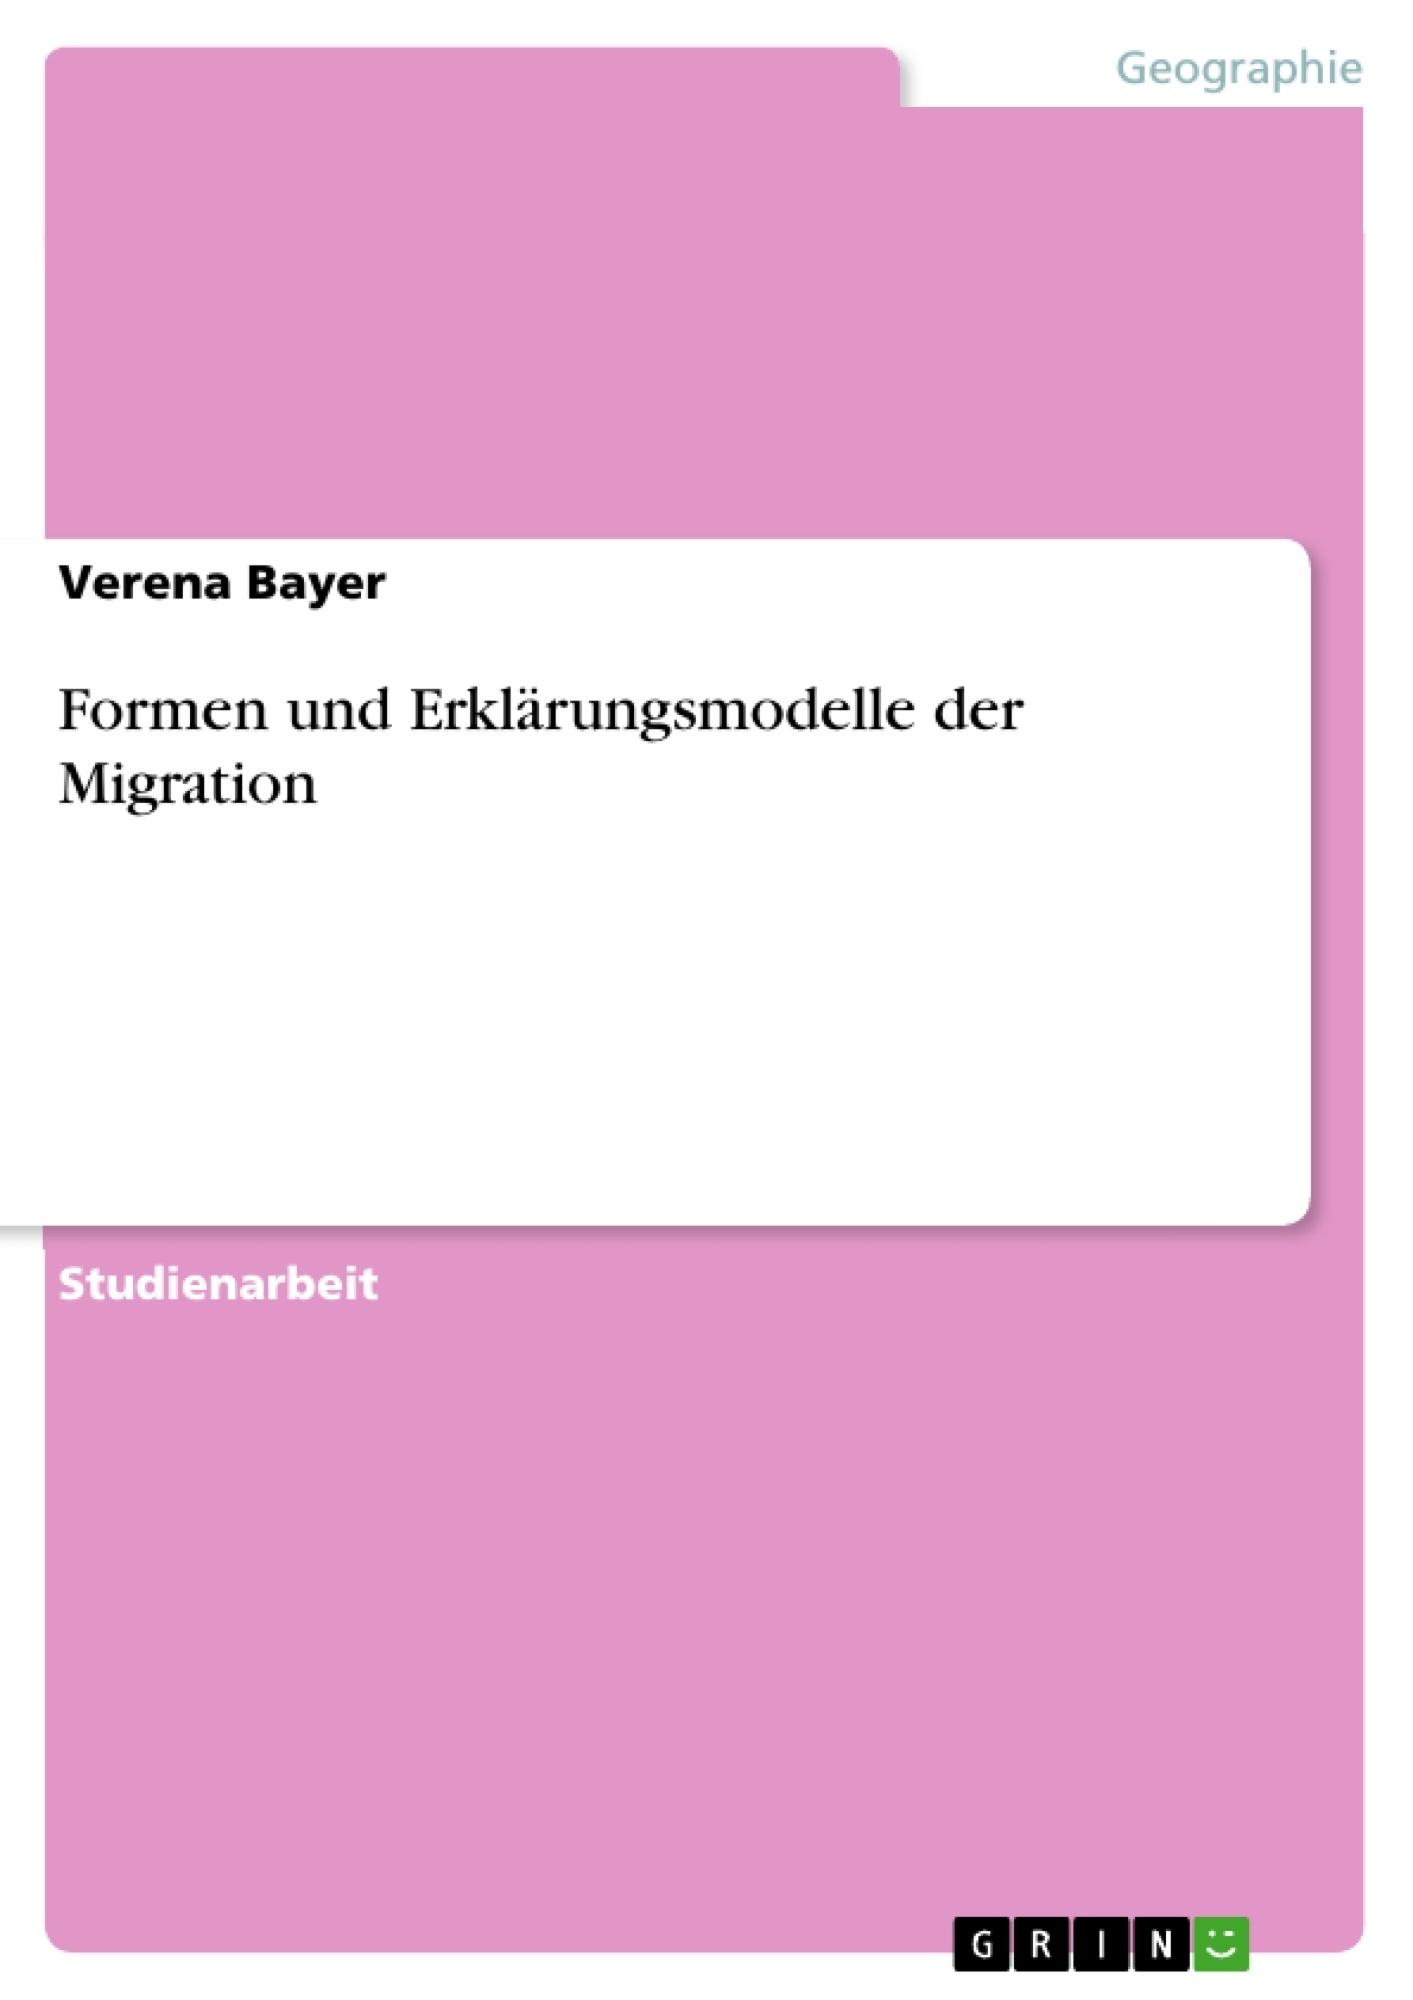 Titel: Formen und Erklärungsmodelle der Migration